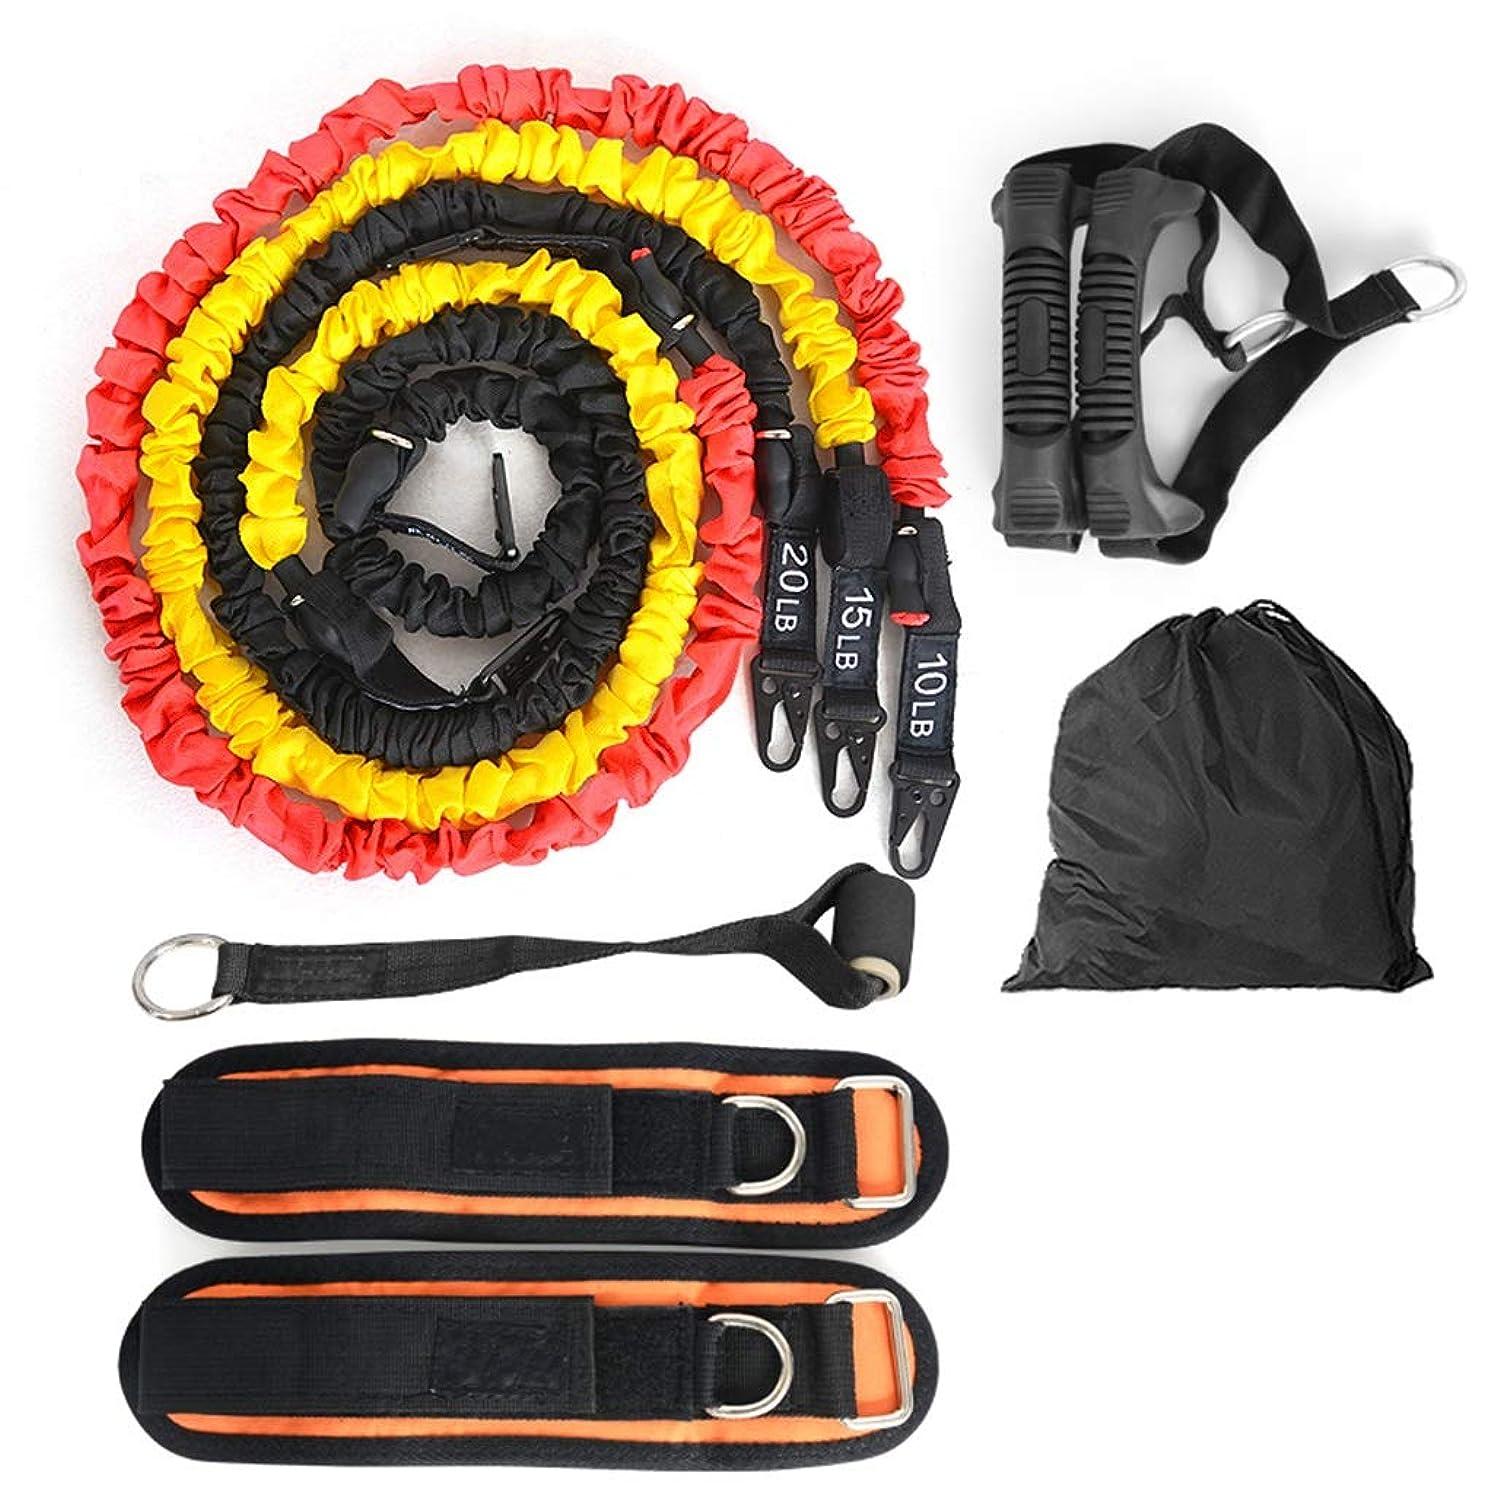 二十頑張る通知多機能ワードロープの男性と女性のフィットネス機器の抵抗薄い腕のトレーニング弾性ロープ弾性ベルトテンショナー (色 : 45 pounds)